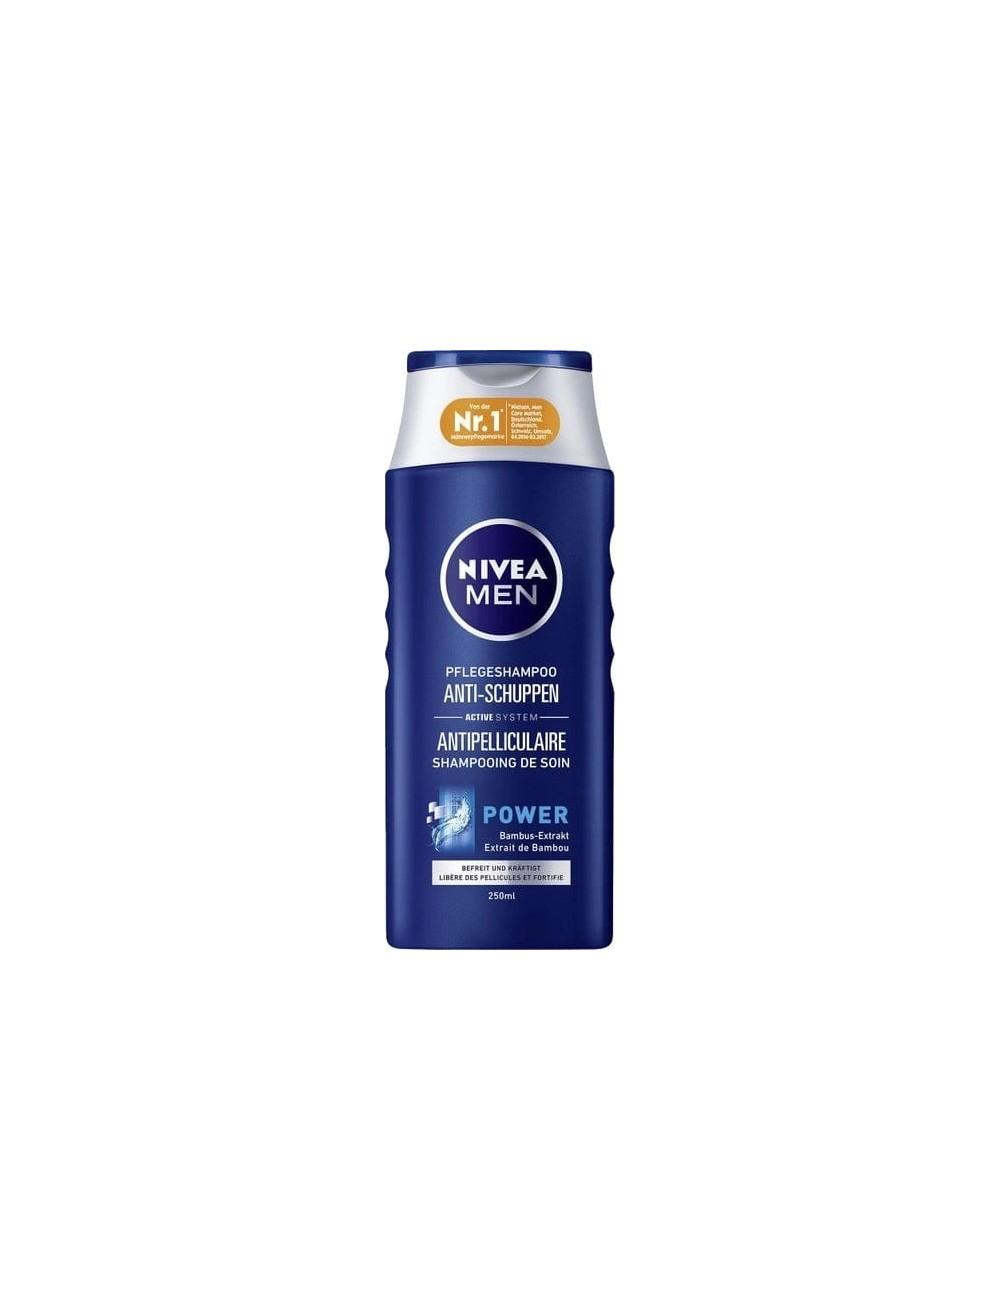 Nivea Men Szampon do Włosów Przeciwłupieżowy Power 250 ml (DE)